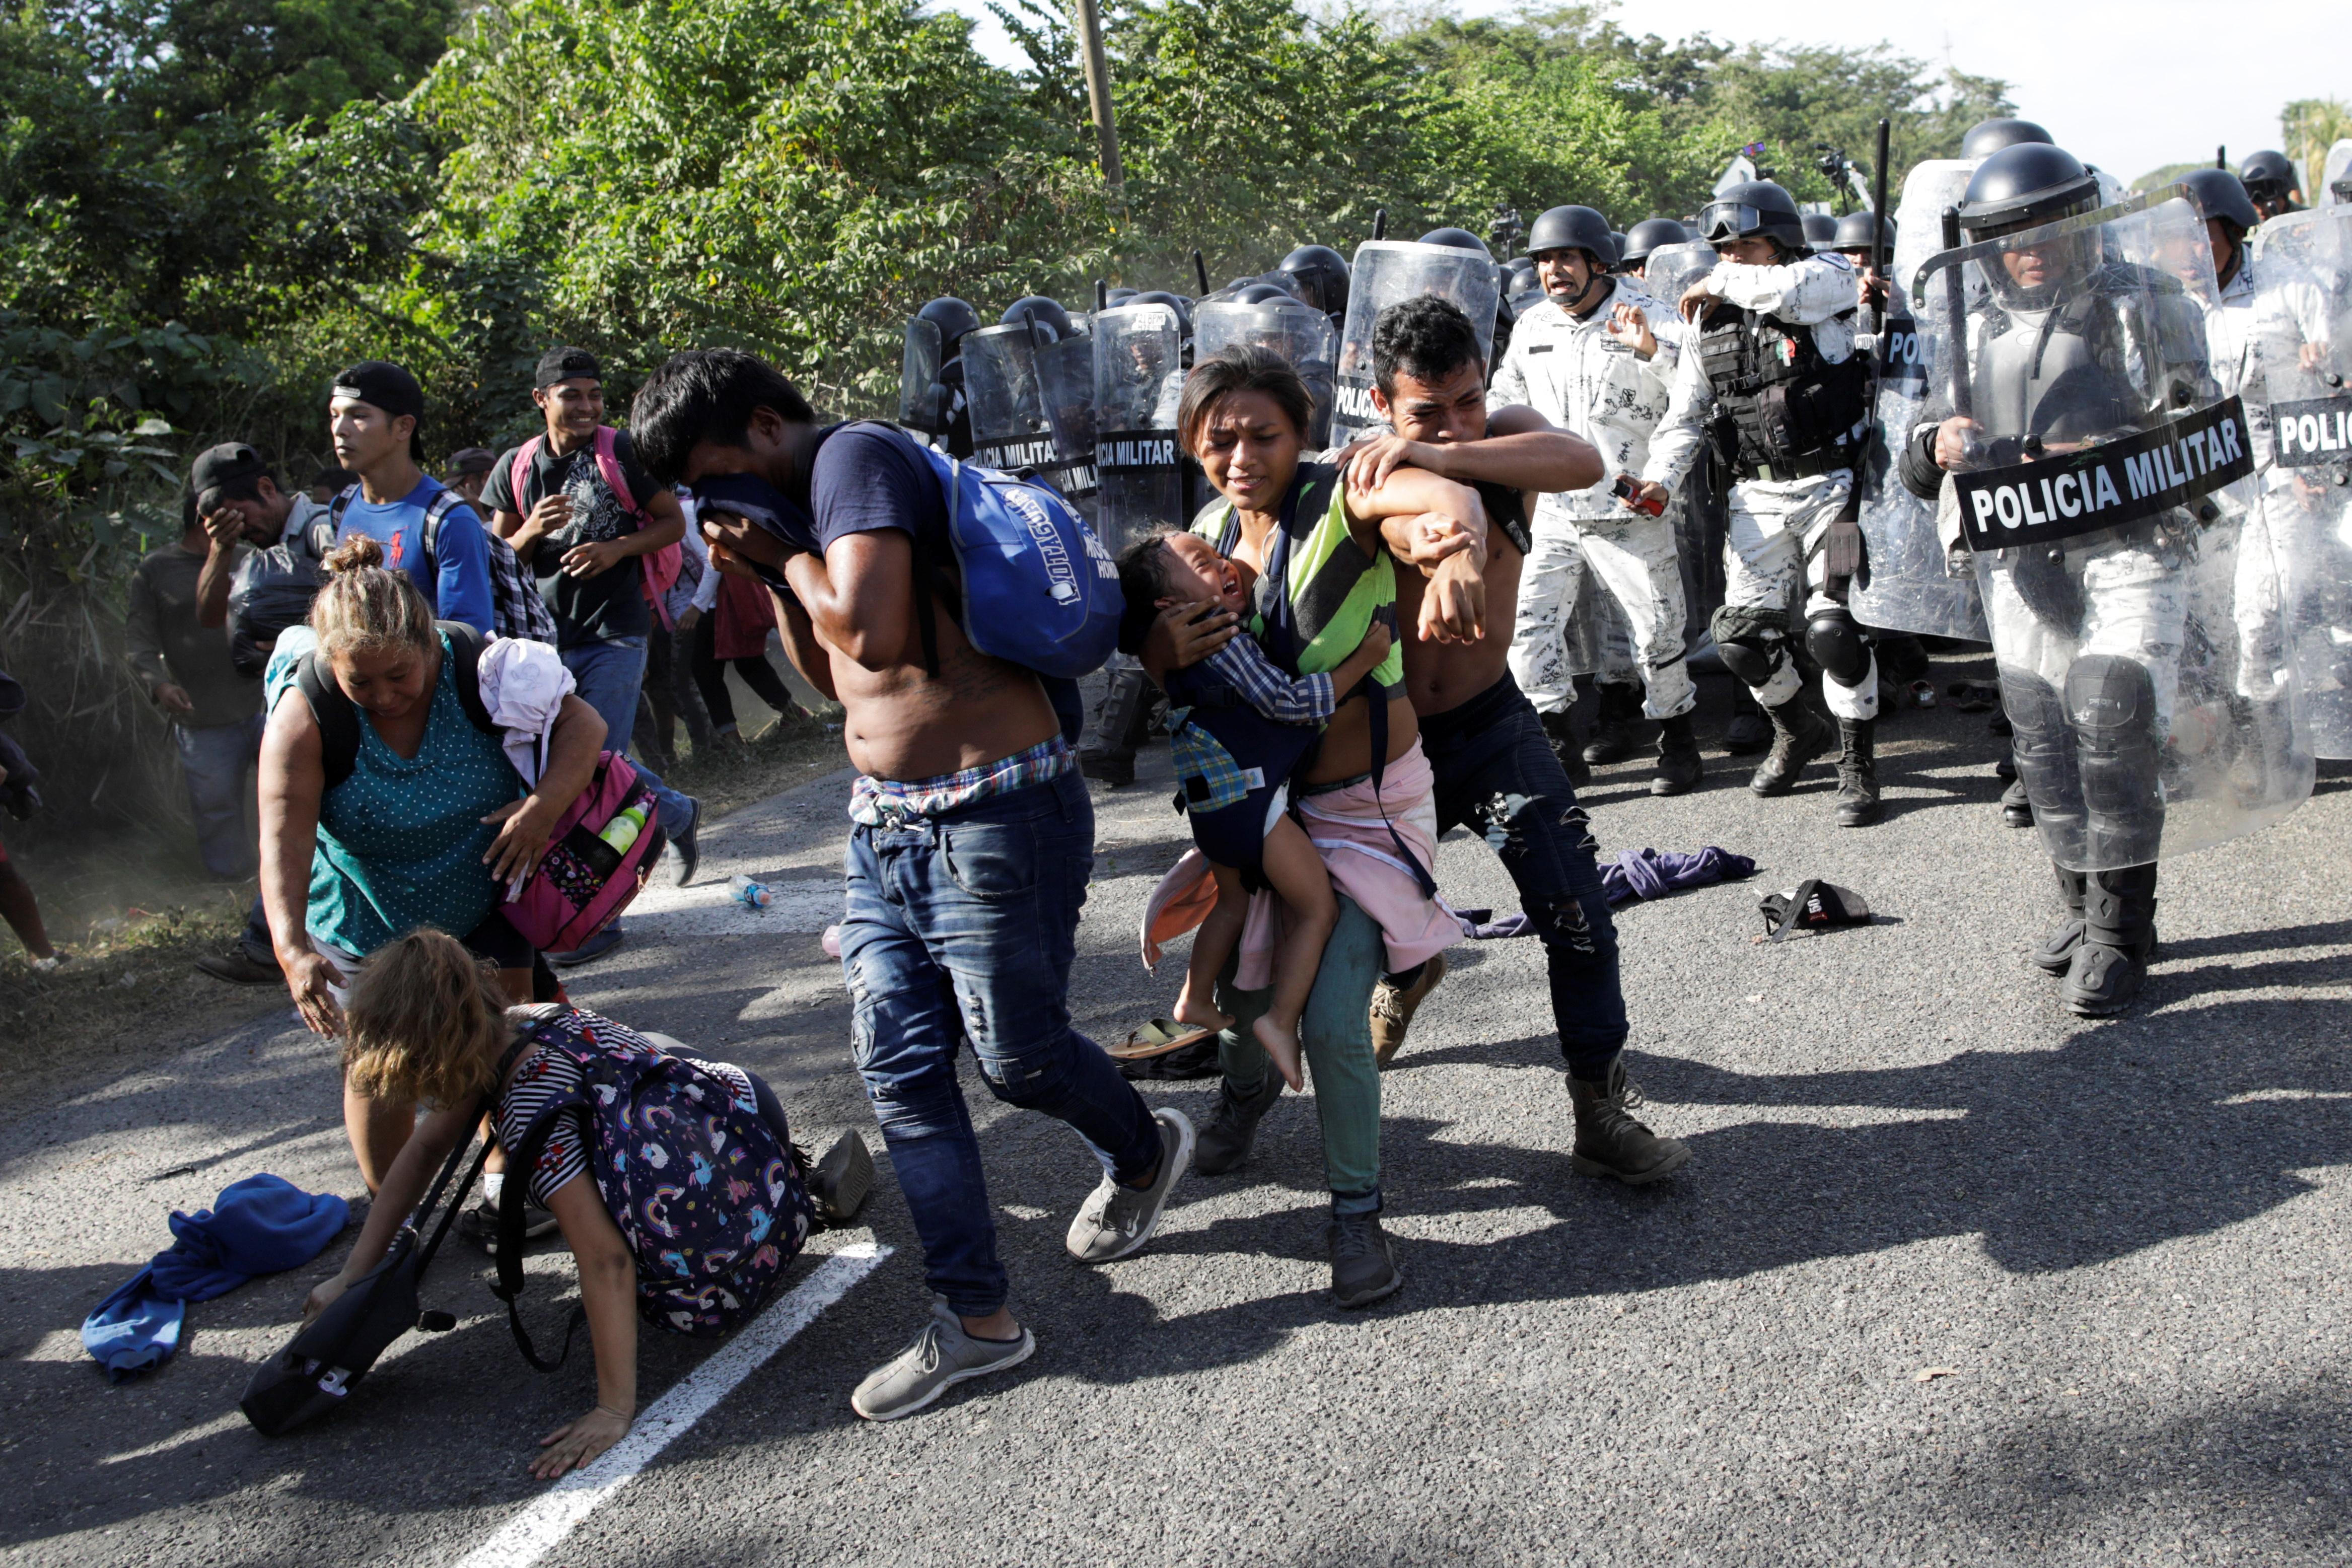 La caravana fue dispersada a punta de toletes y escudos por parte de los elementos federales (Foto: Andrés Martínez Casares/Reuters)